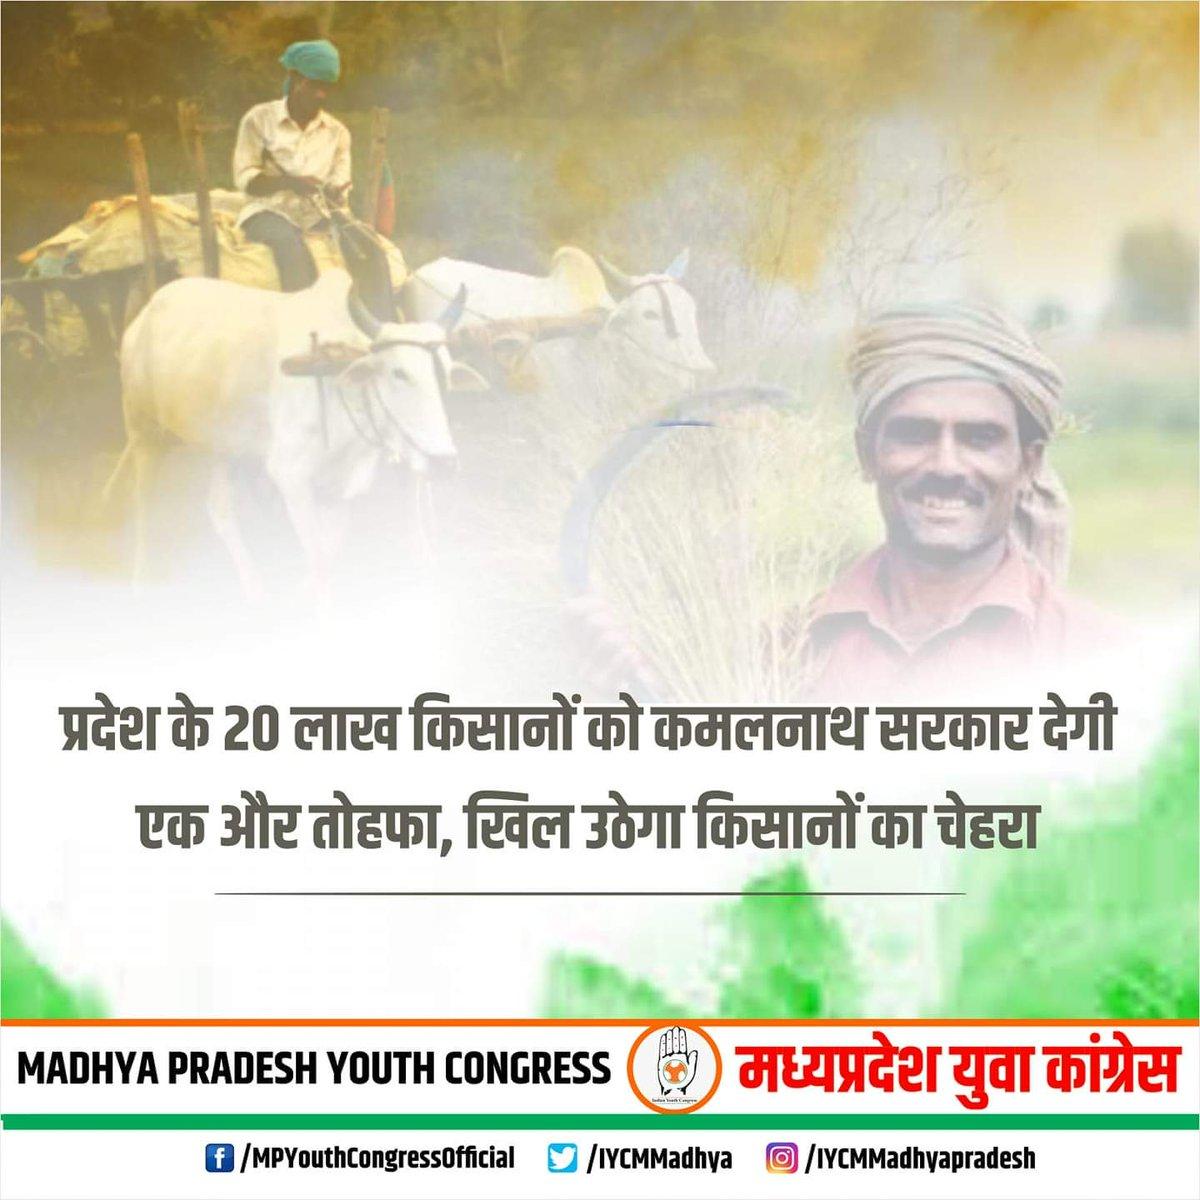 """प्रदेश के 20लाख किसानों को कमलनाथ सरकार एक और तोहफा देने की तैयारी में, खिल उठेगा आप किसानों का चेहरा यह सरकार 3 """"का"""" की सरकार है """"क"""" से किसान, क""""  से कांग्रेस,""""क"""" से कमलनाथ । @IYC @keshavyadaviyc @INCMP @OfficeOfKNath"""